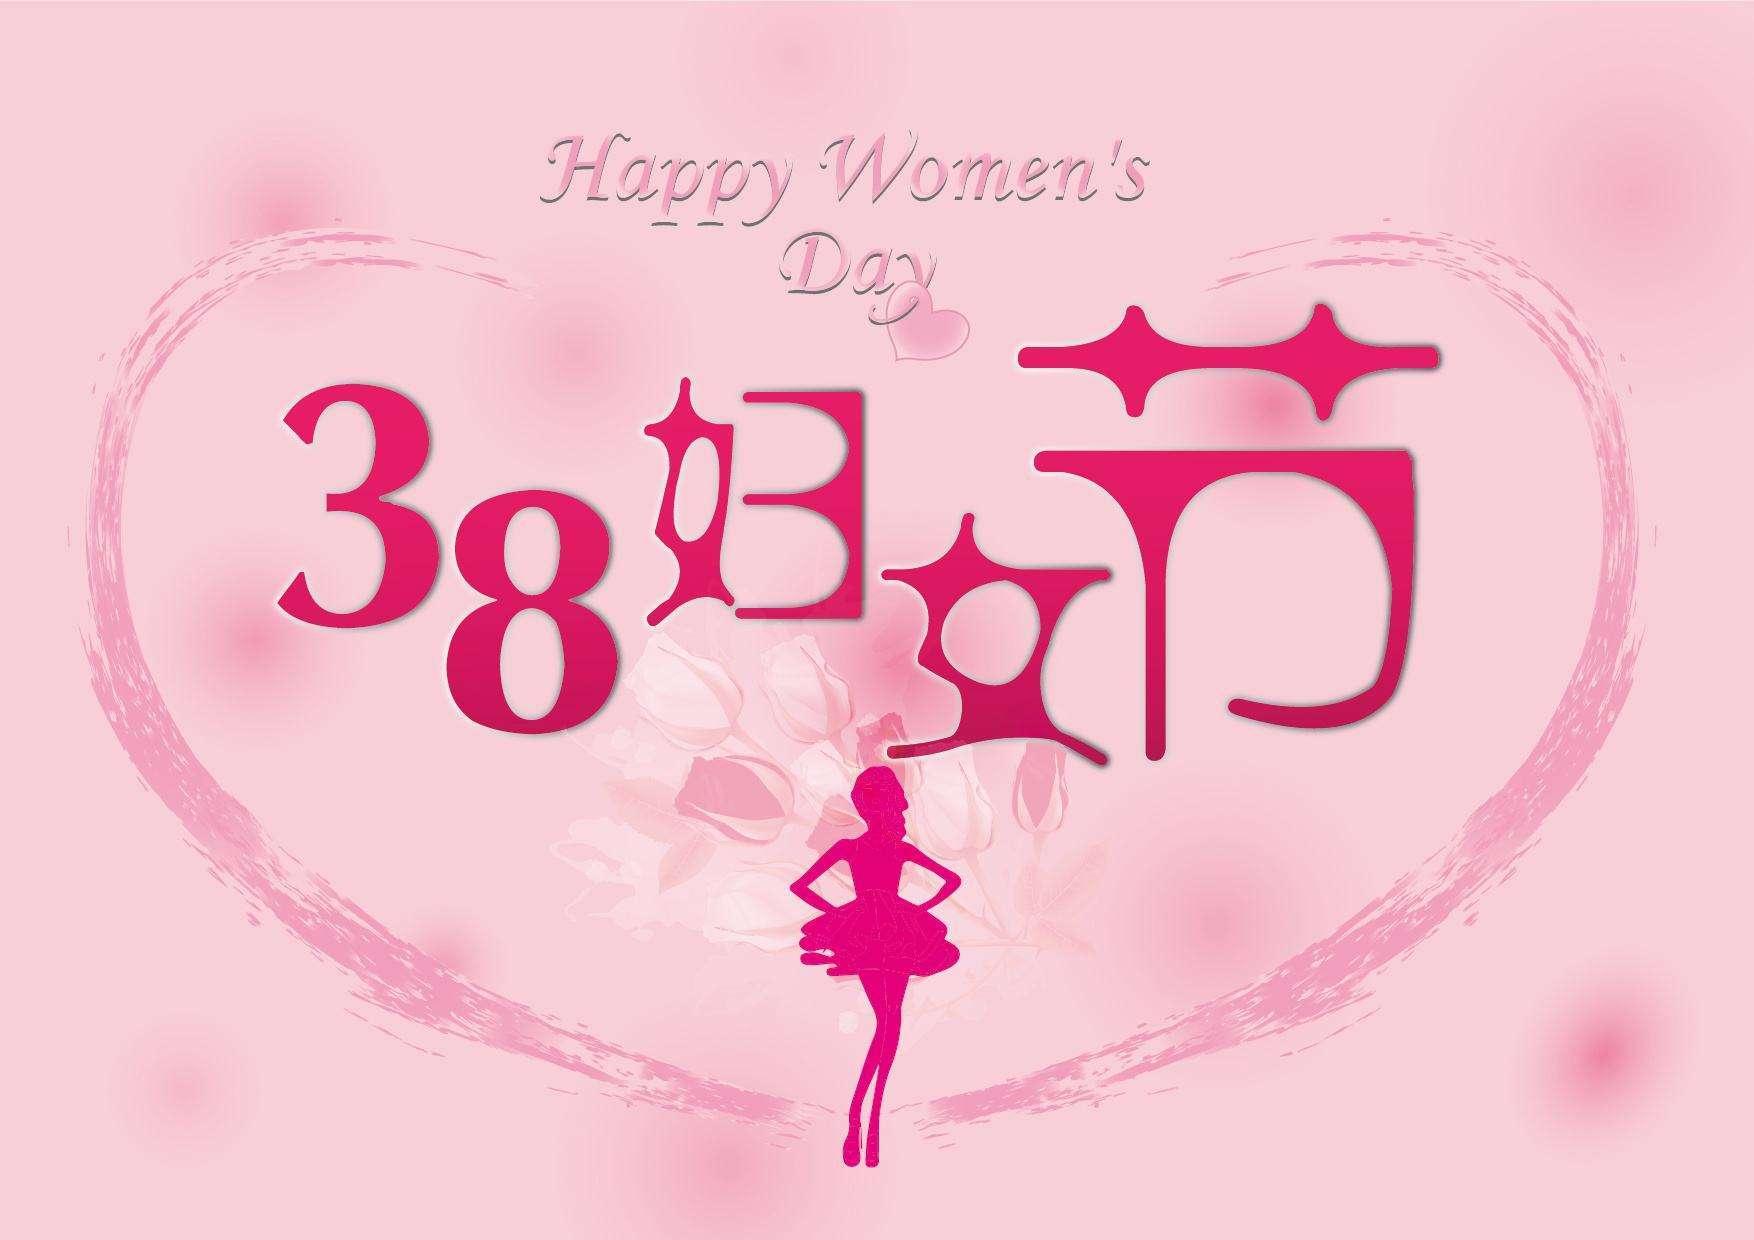 三八妇女节创意简短祝福语送给身边的女性精选